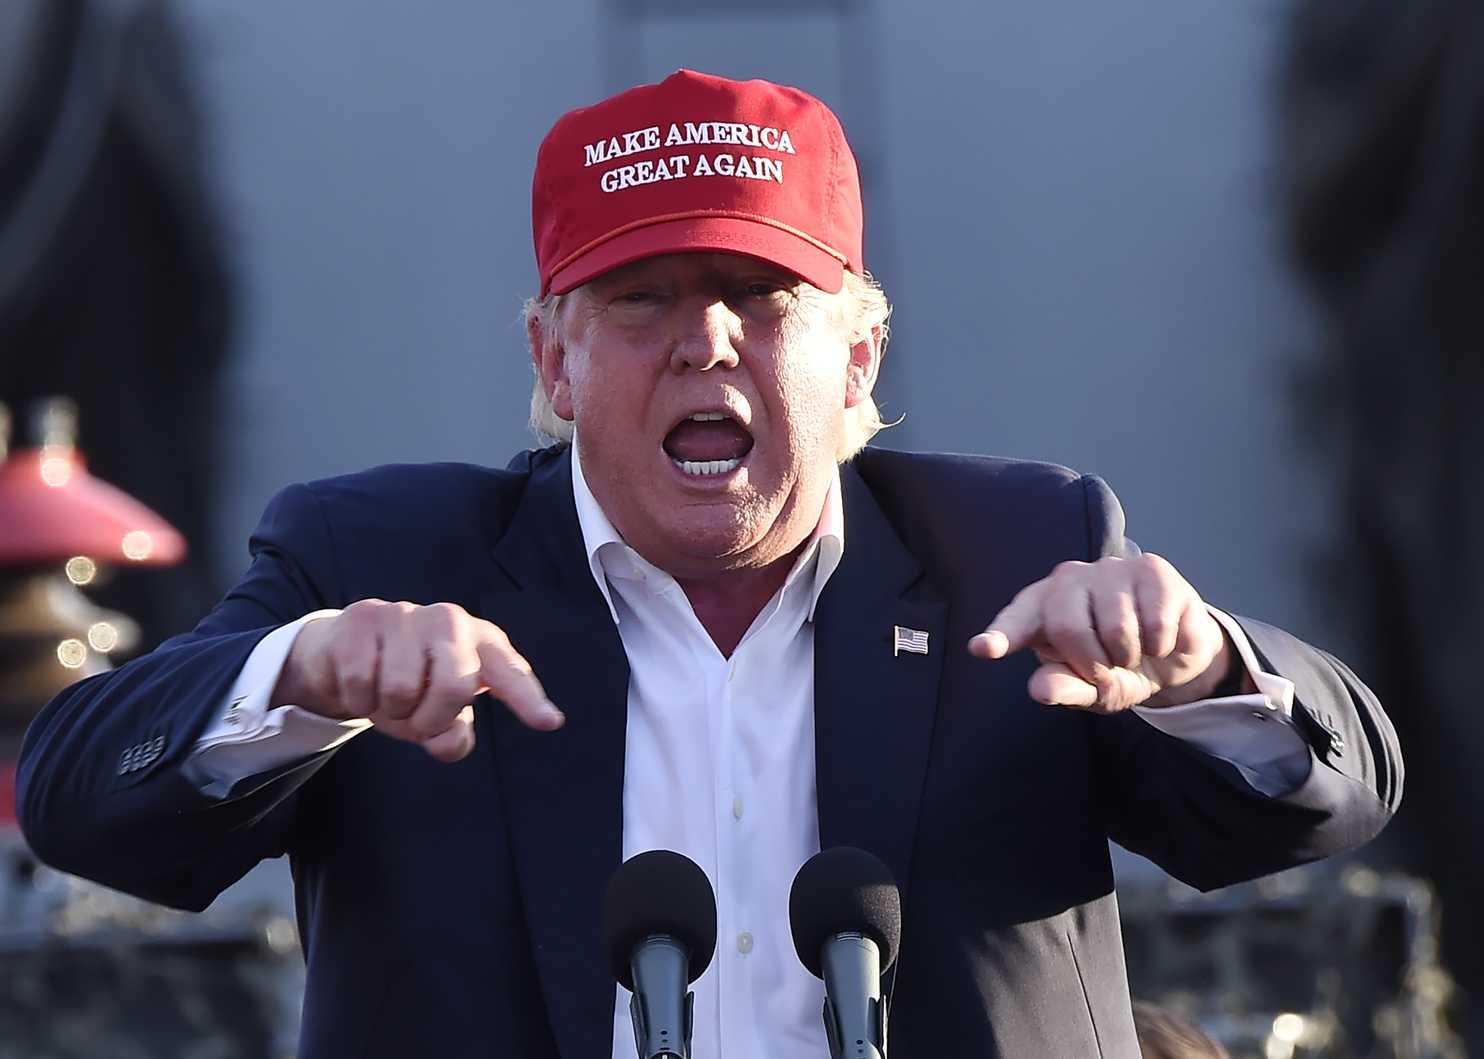 نیویورکتایمز راز محبوبیت ترامپ در طبقه کارگر را بررسی کرد